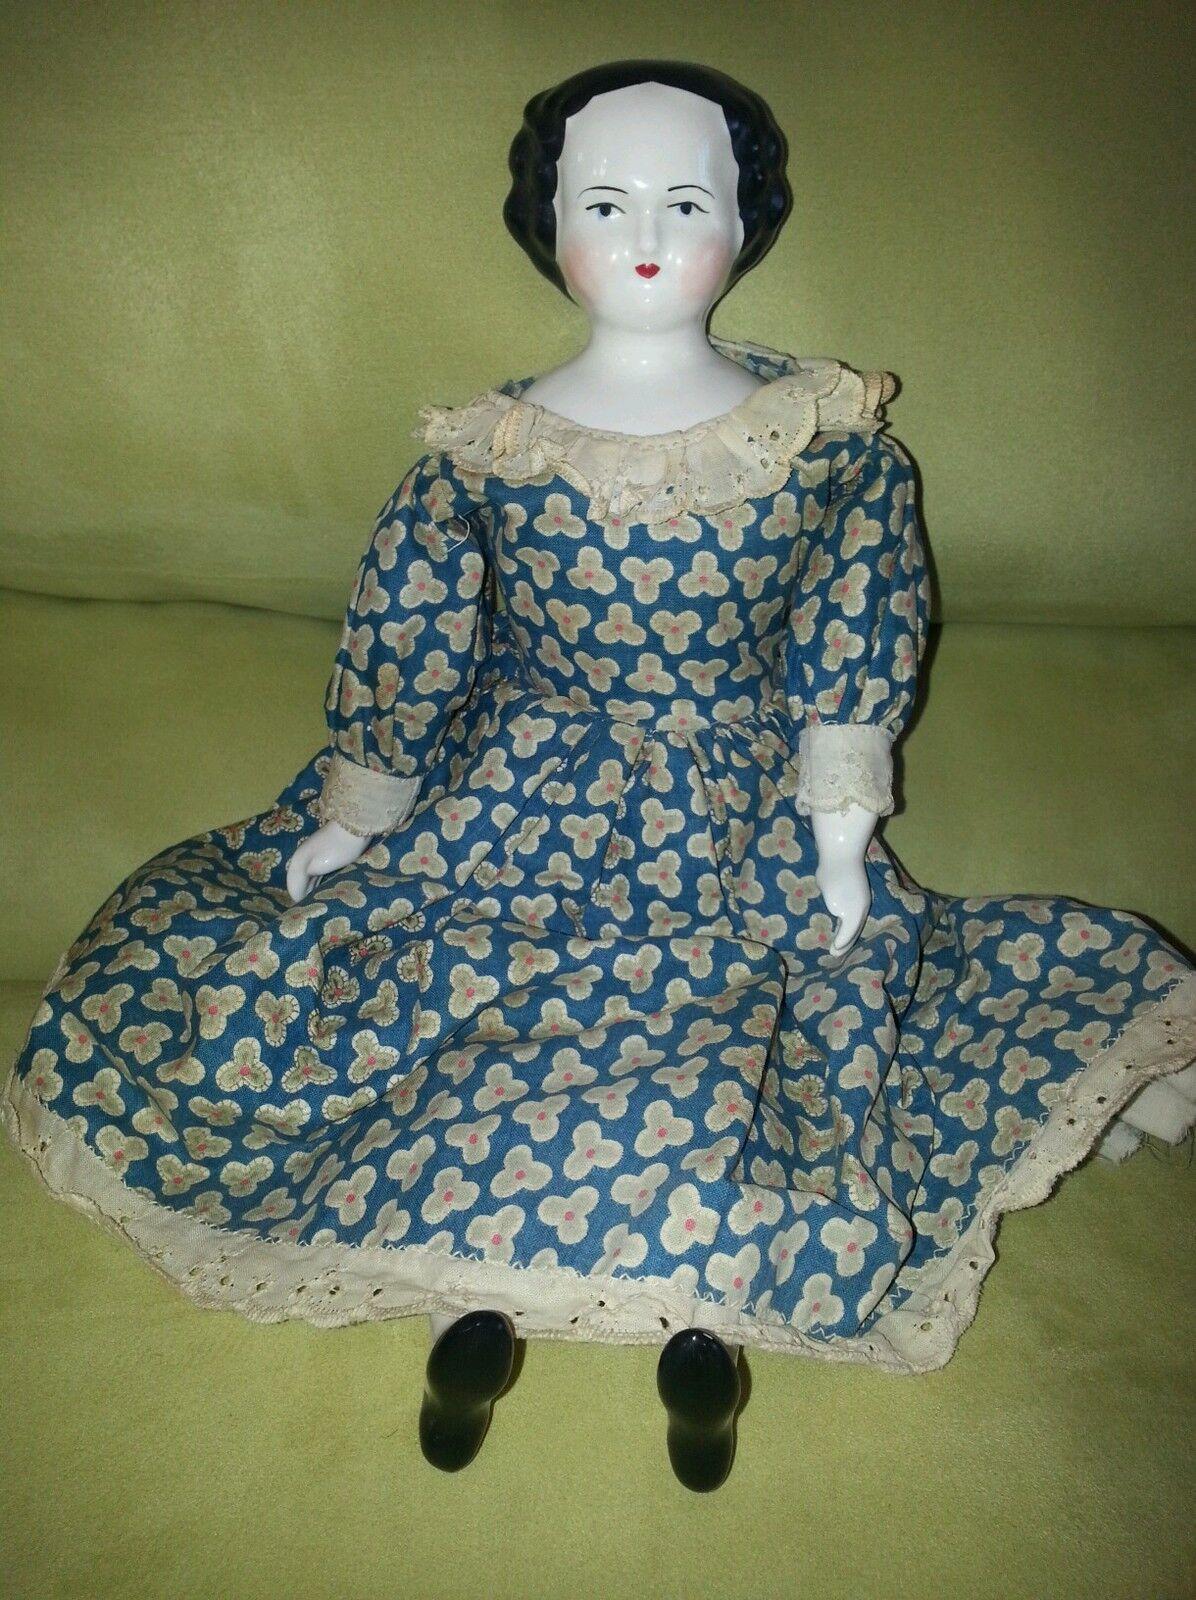 Antiguo Original Rara Muñeca De Porcelana Alemana alto 14 1 2  más de 100 años de edad